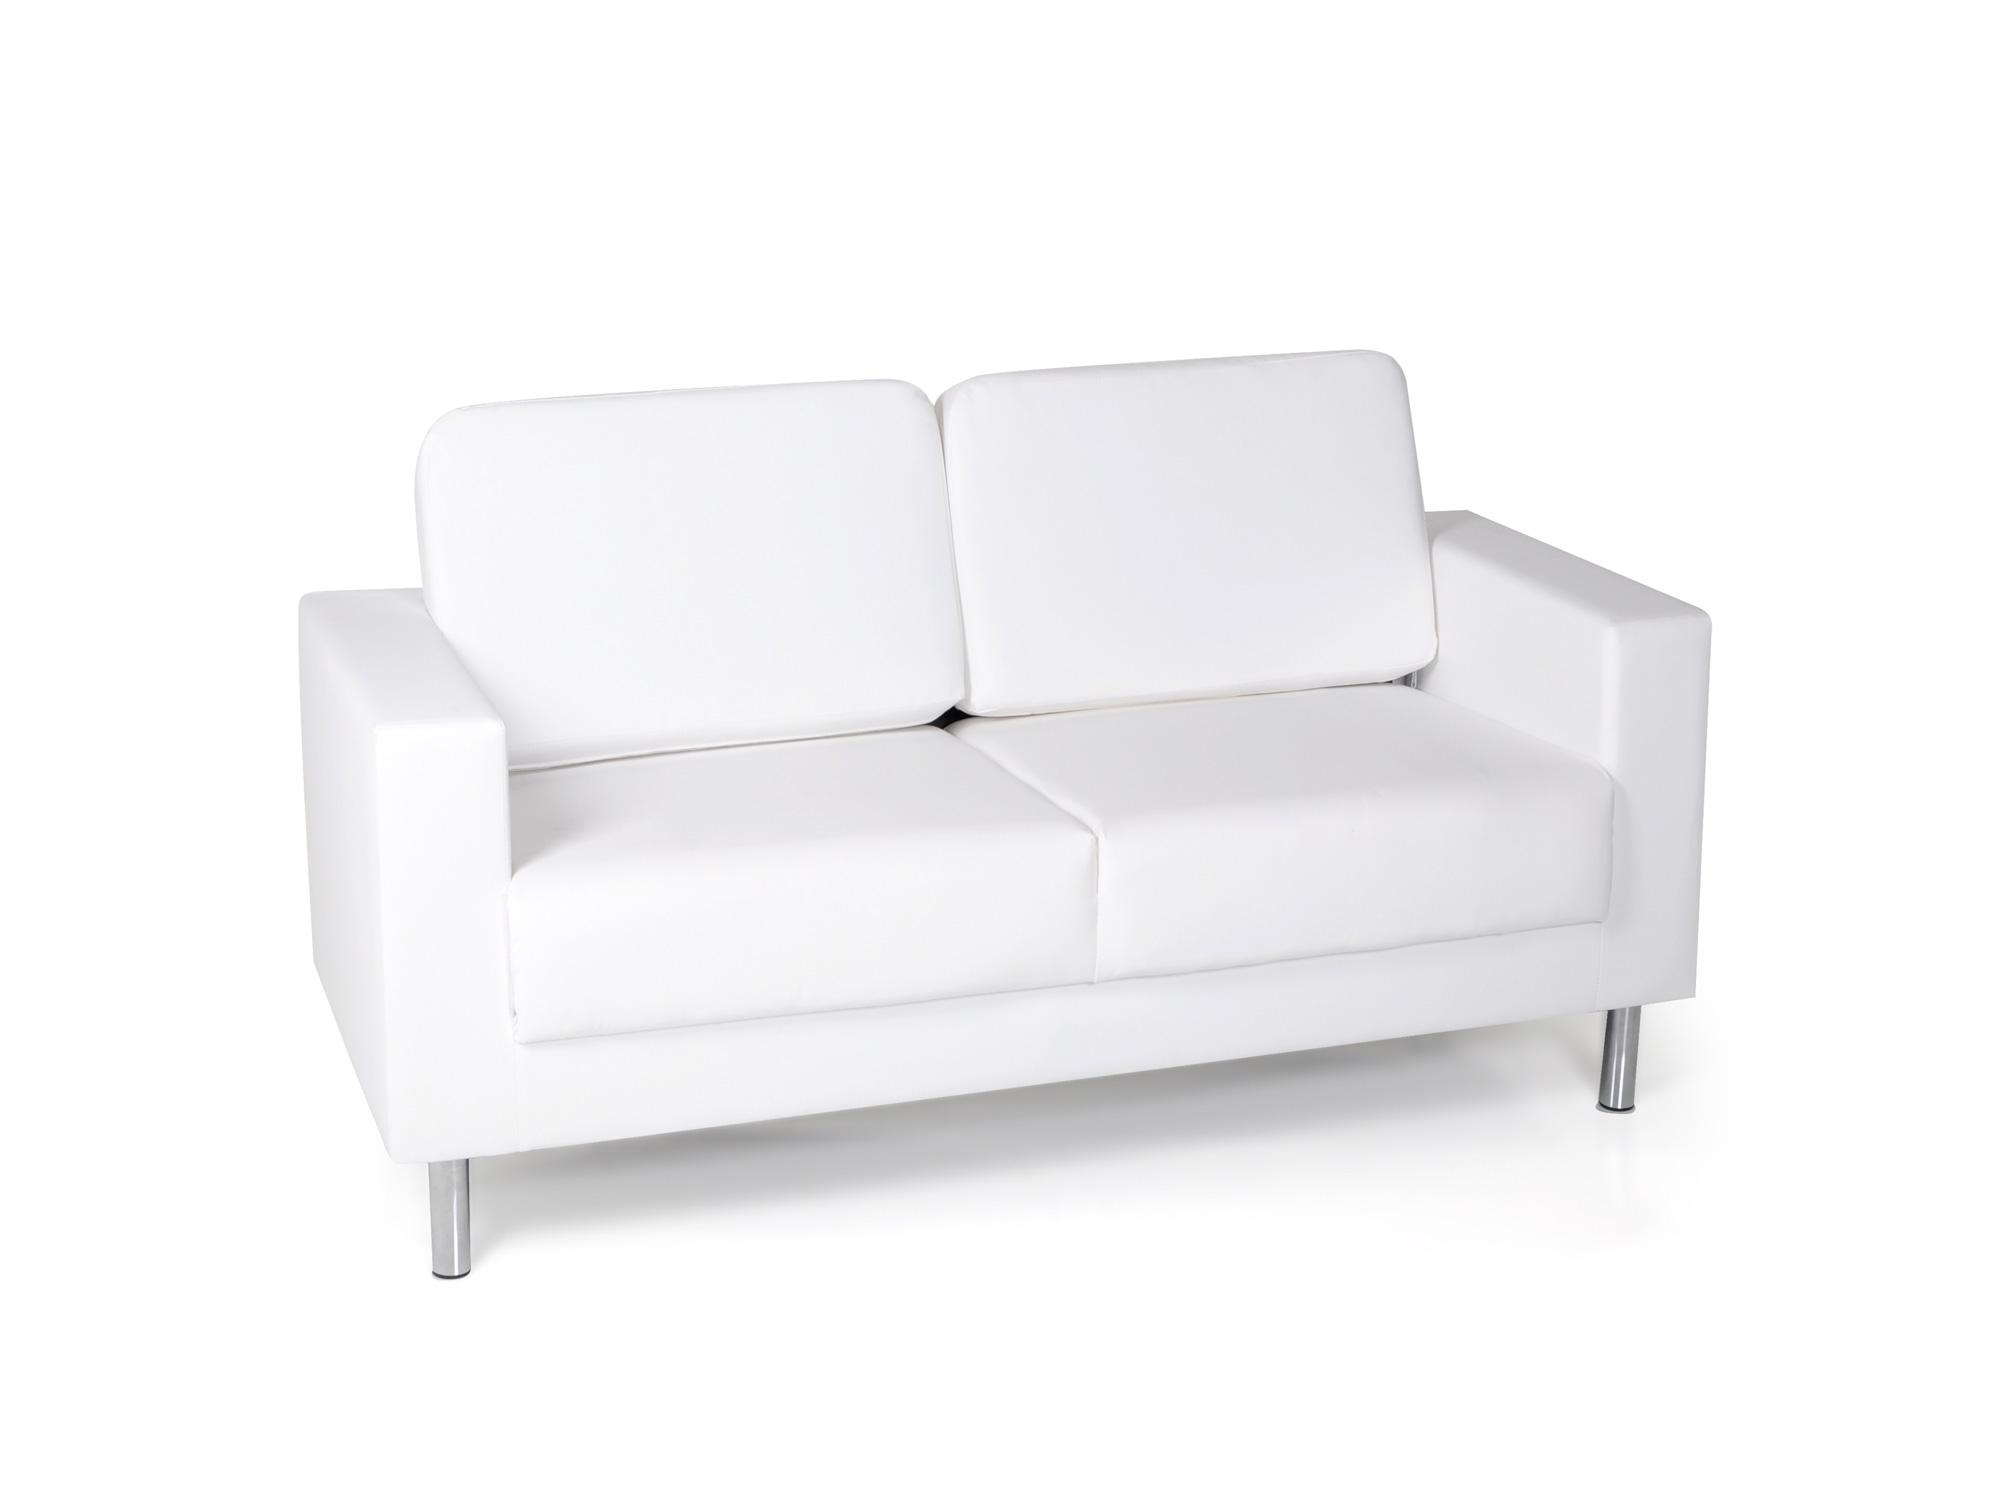 Susi 2 sitzer sofa kunstleder weiss for Sofa kunstleder